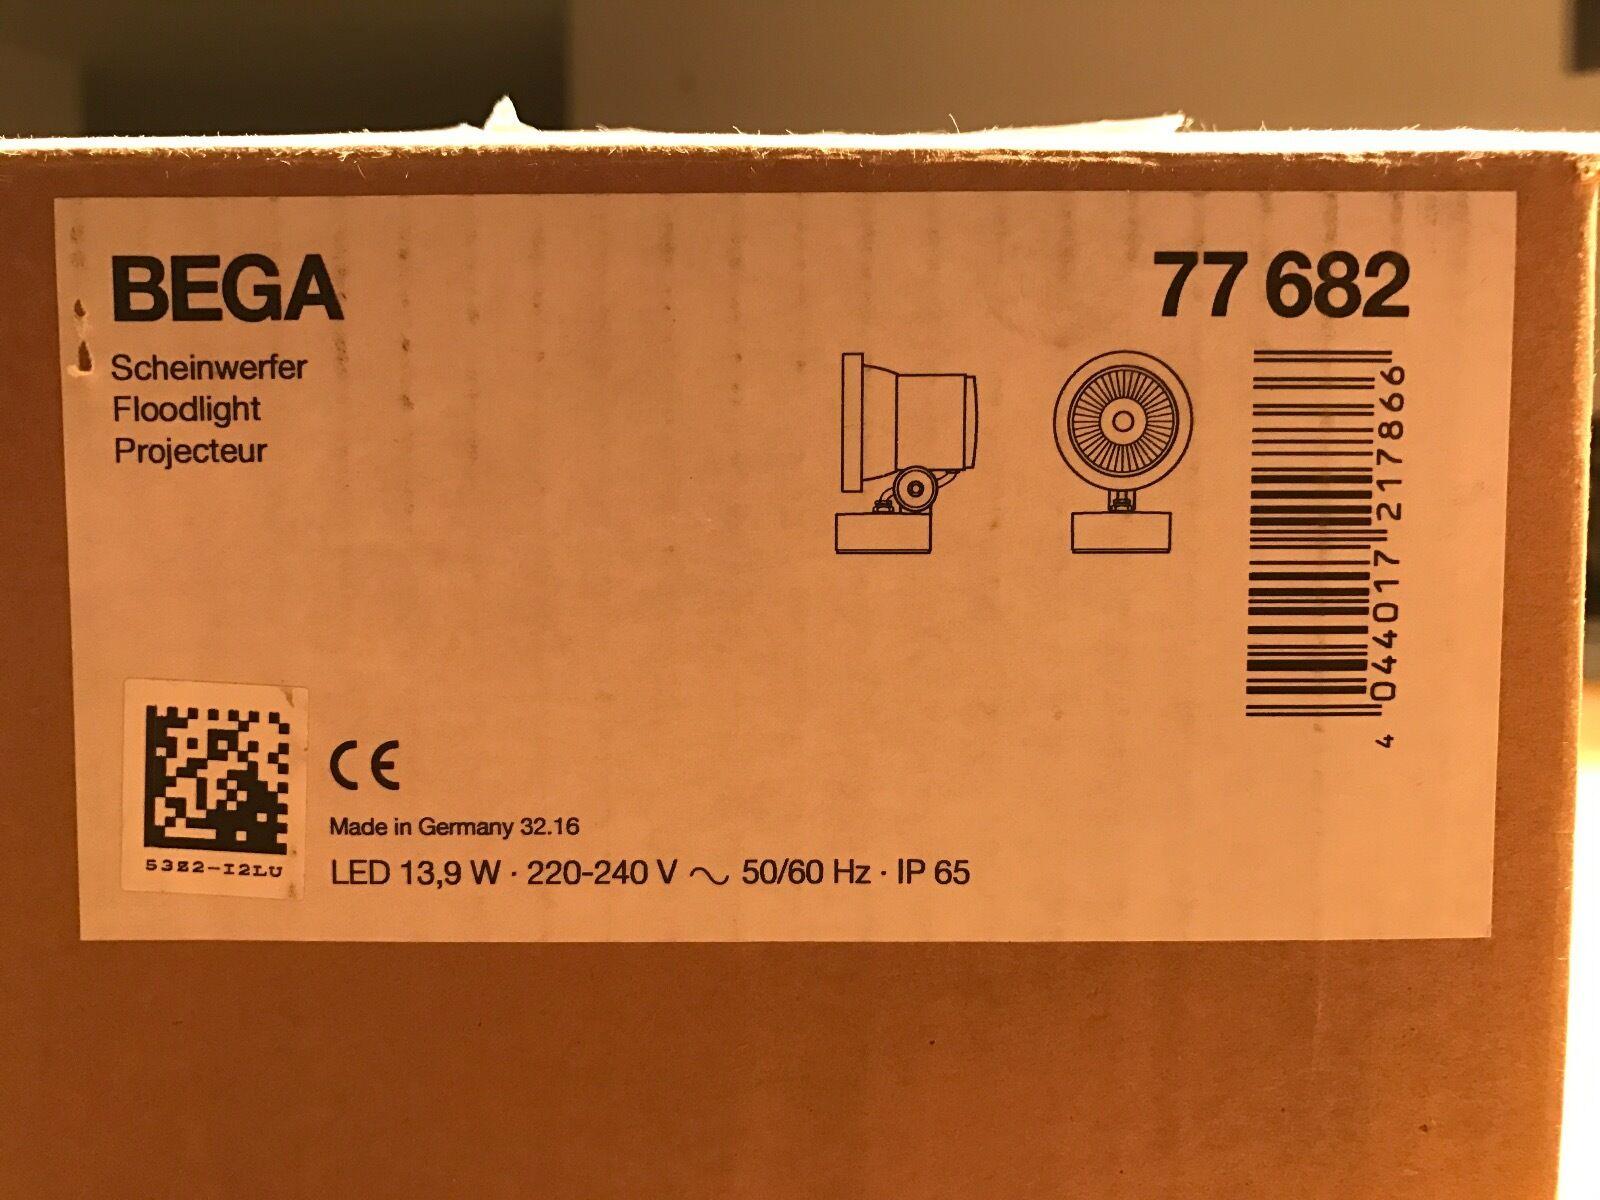 Bega LED Scheinwerfer 77682 - 77 682 NEU